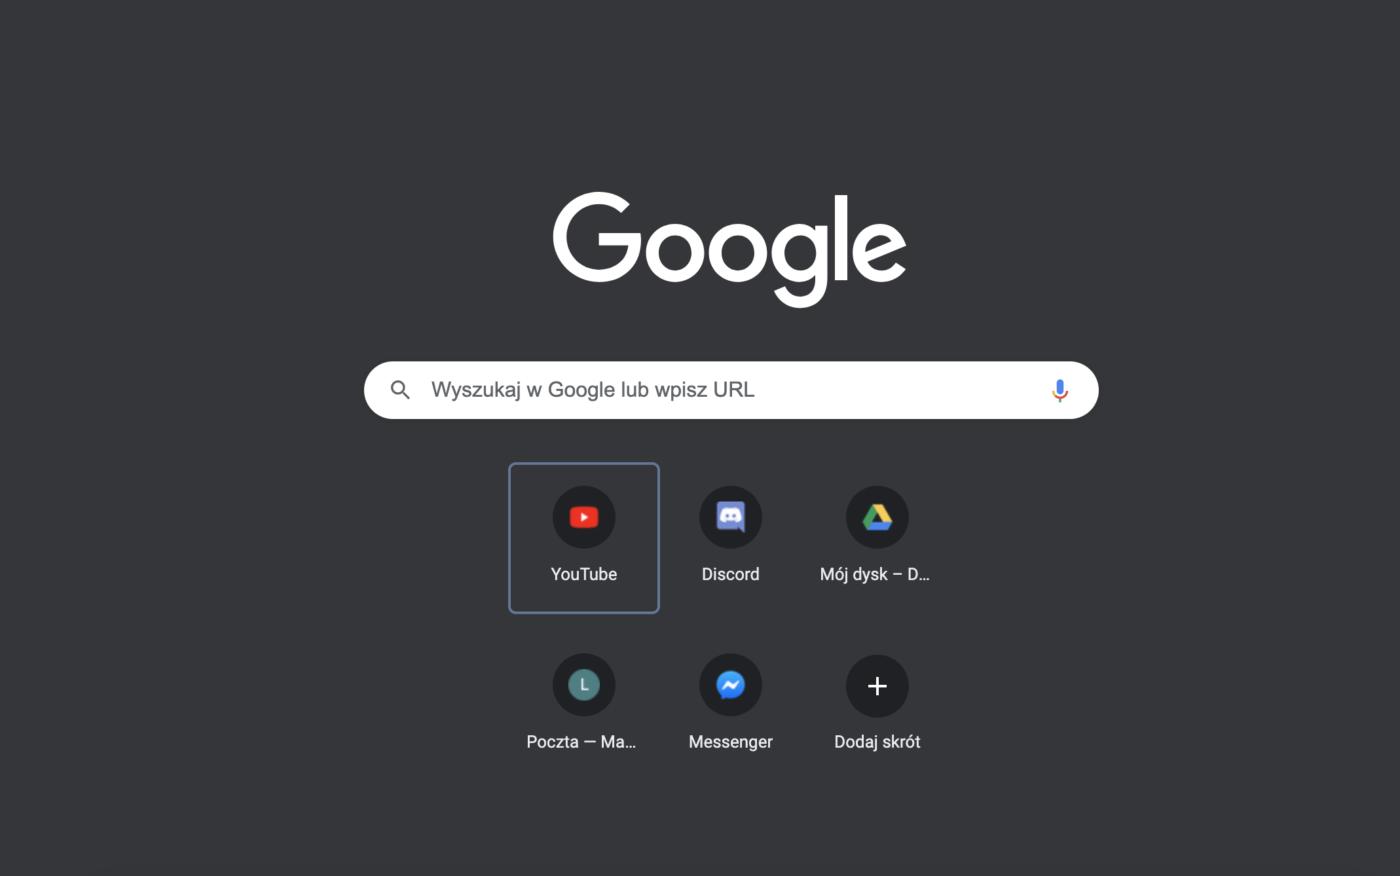 Czego brakuje na stronie nowej karty w Google Chrome? Podobno reklam